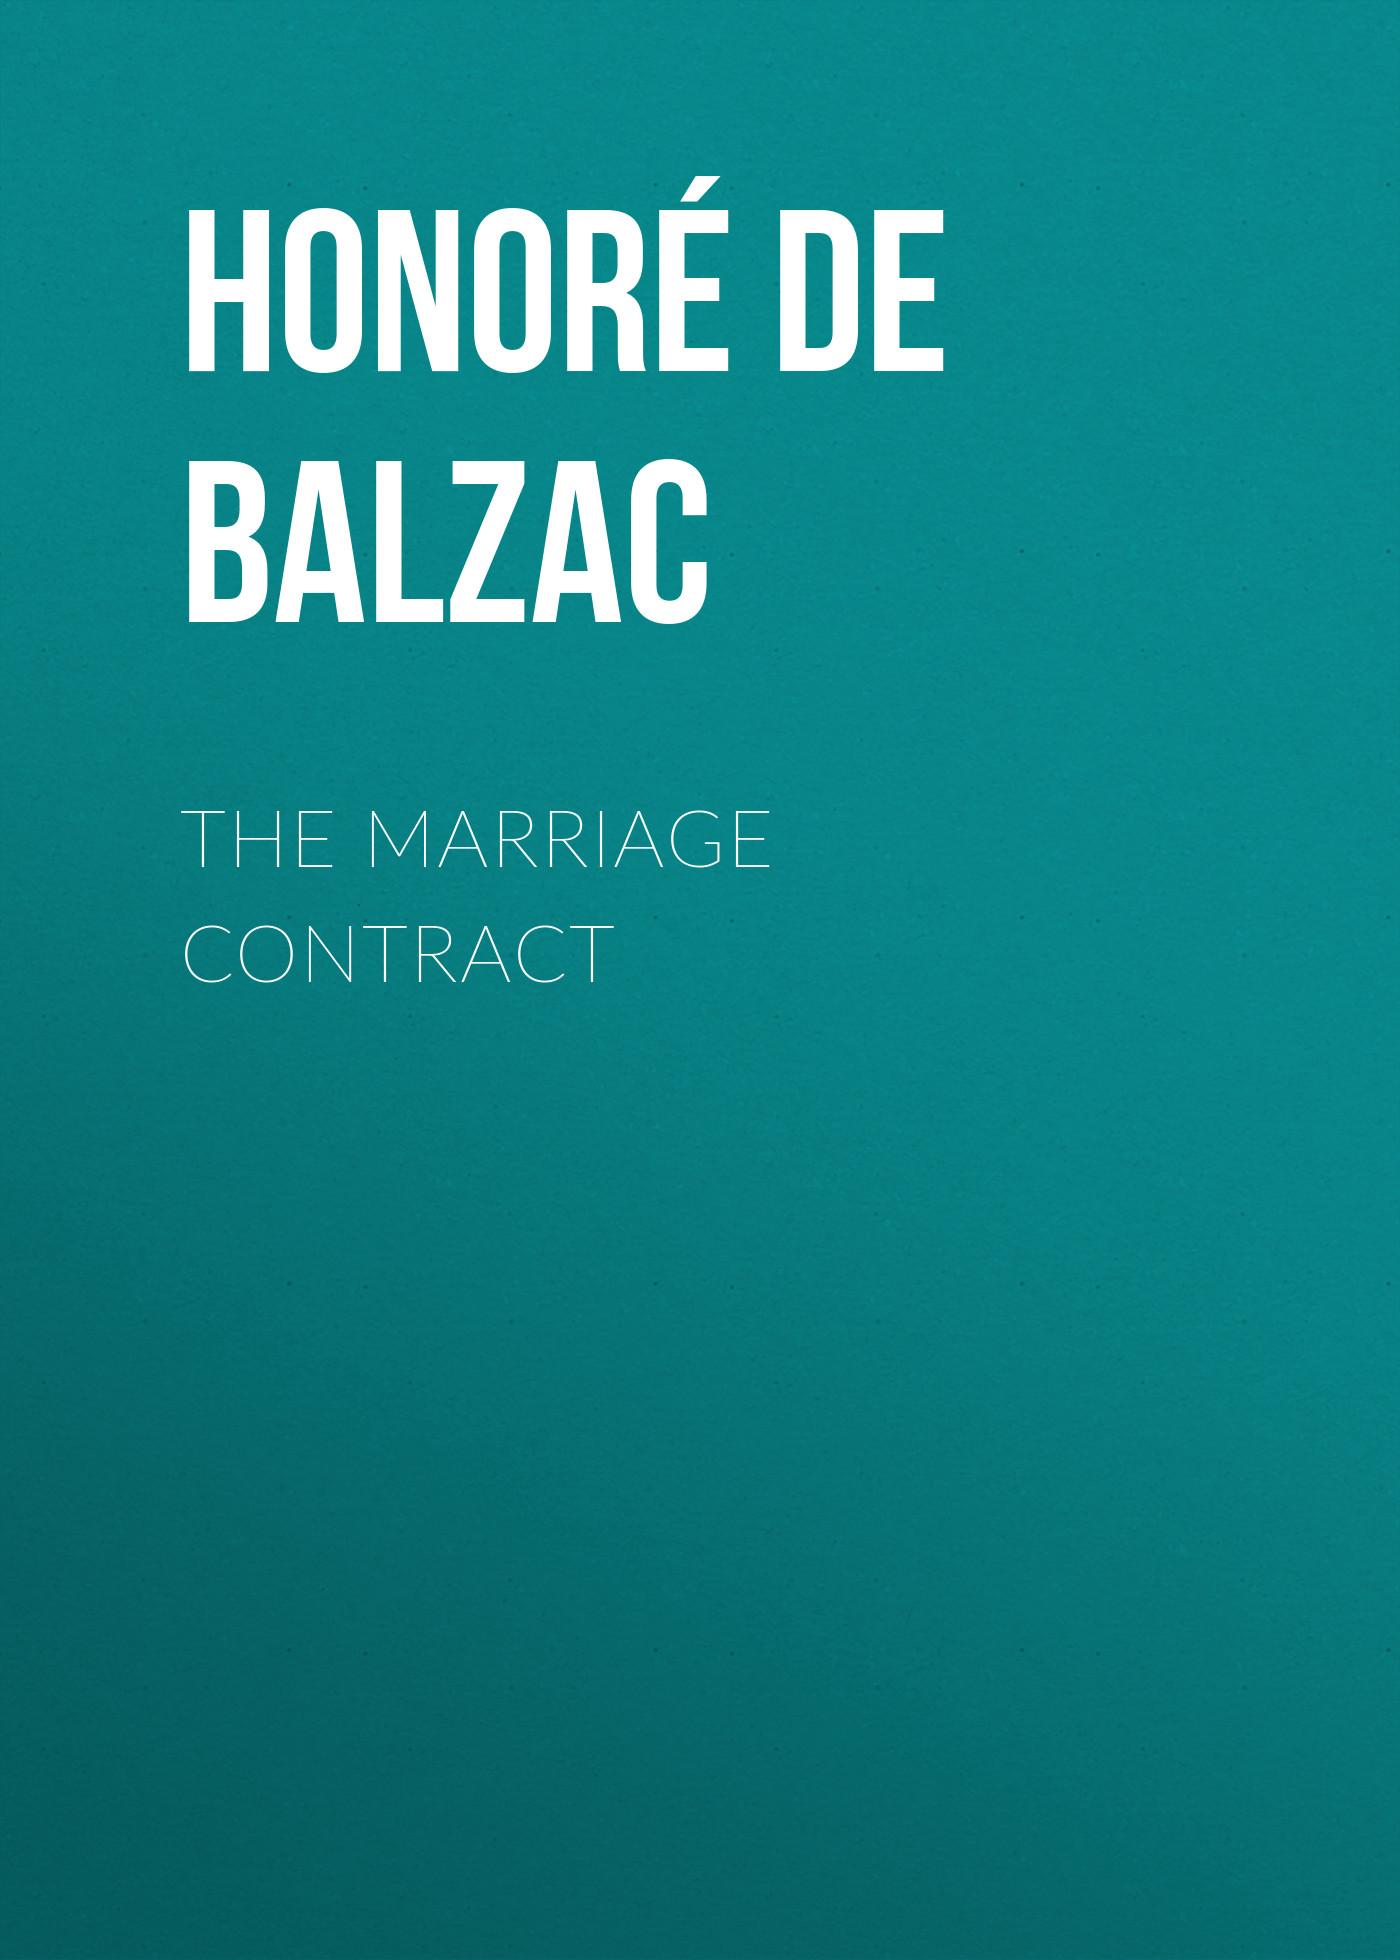 цена на Оноре де Бальзак The Marriage Contract